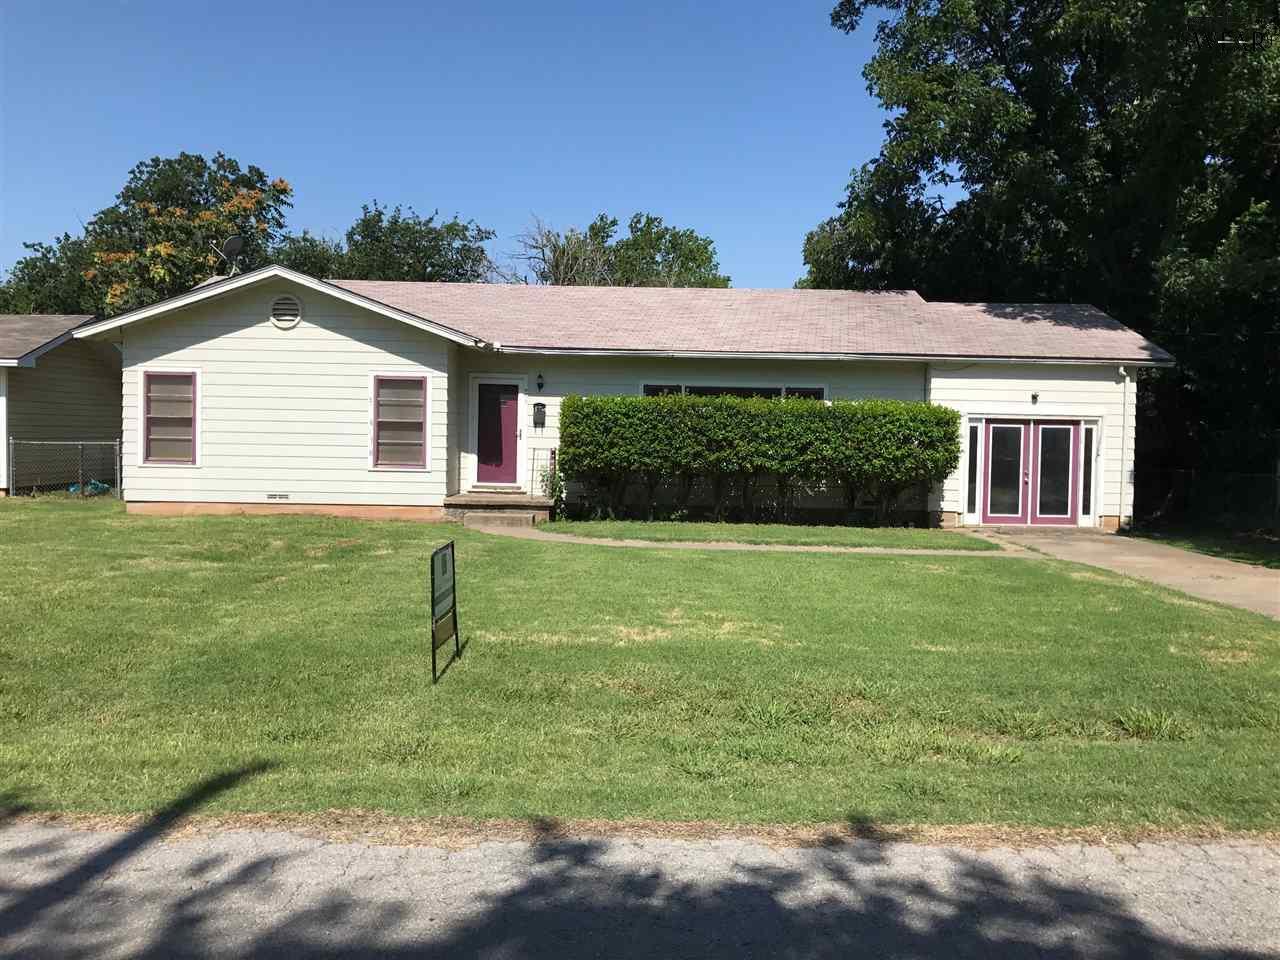 405 ROBERTS STREET, Burkburnett, TX 76354